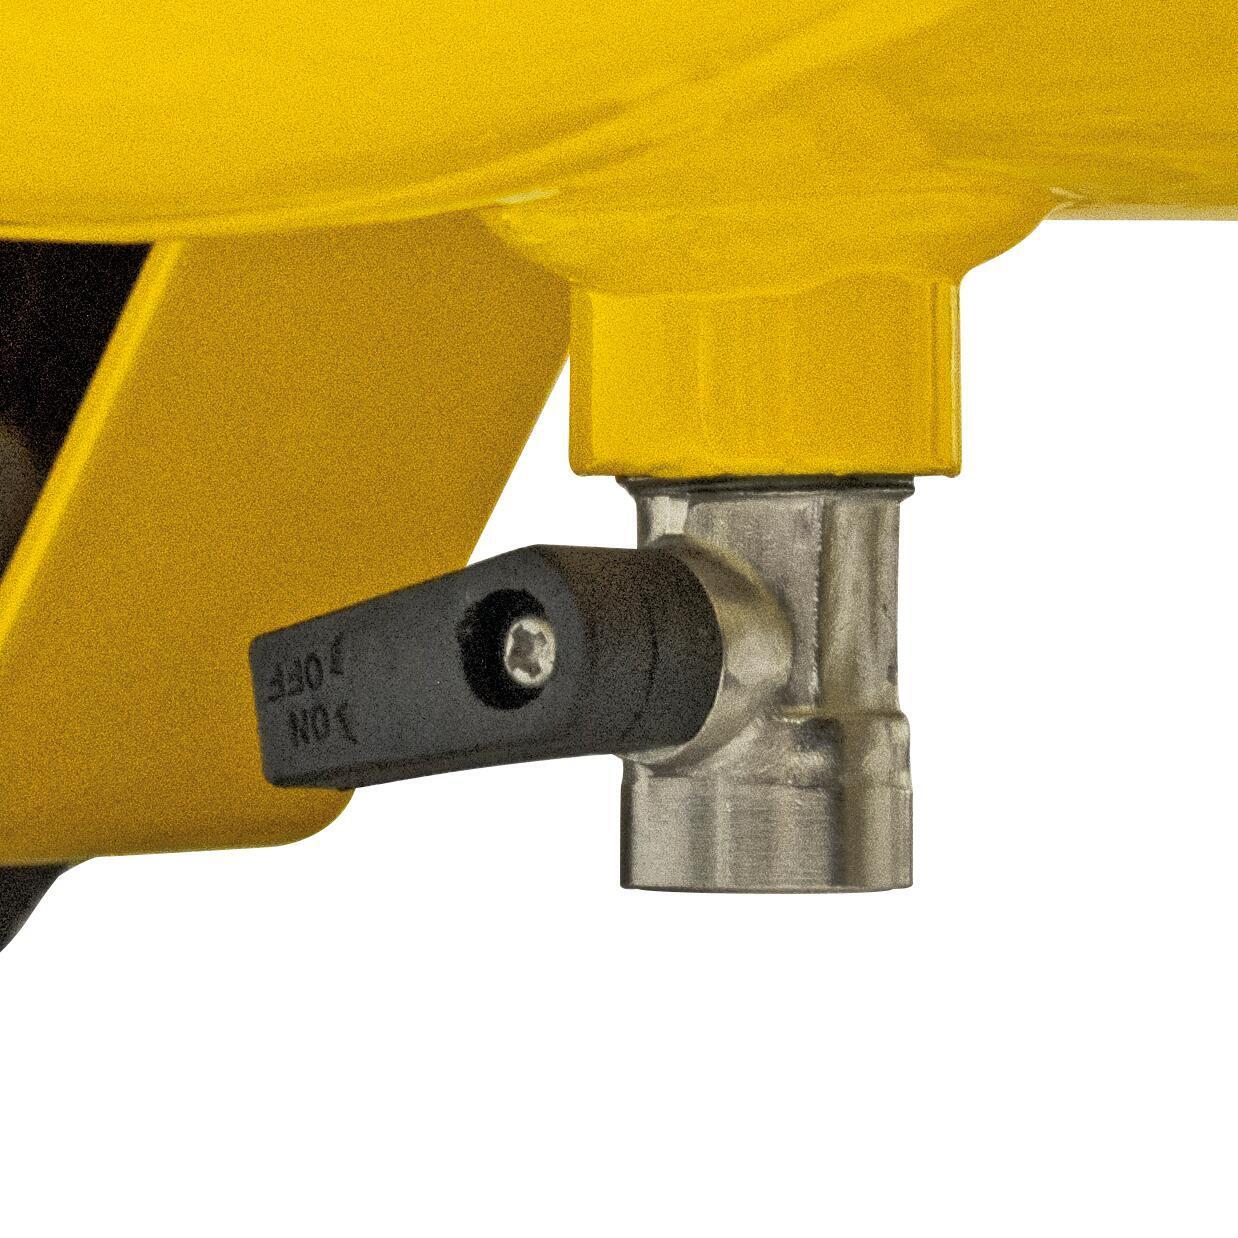 Compressore silenziato STANLEY SXCMS30103E, 3 hp, 8 bar, 100 L - 2